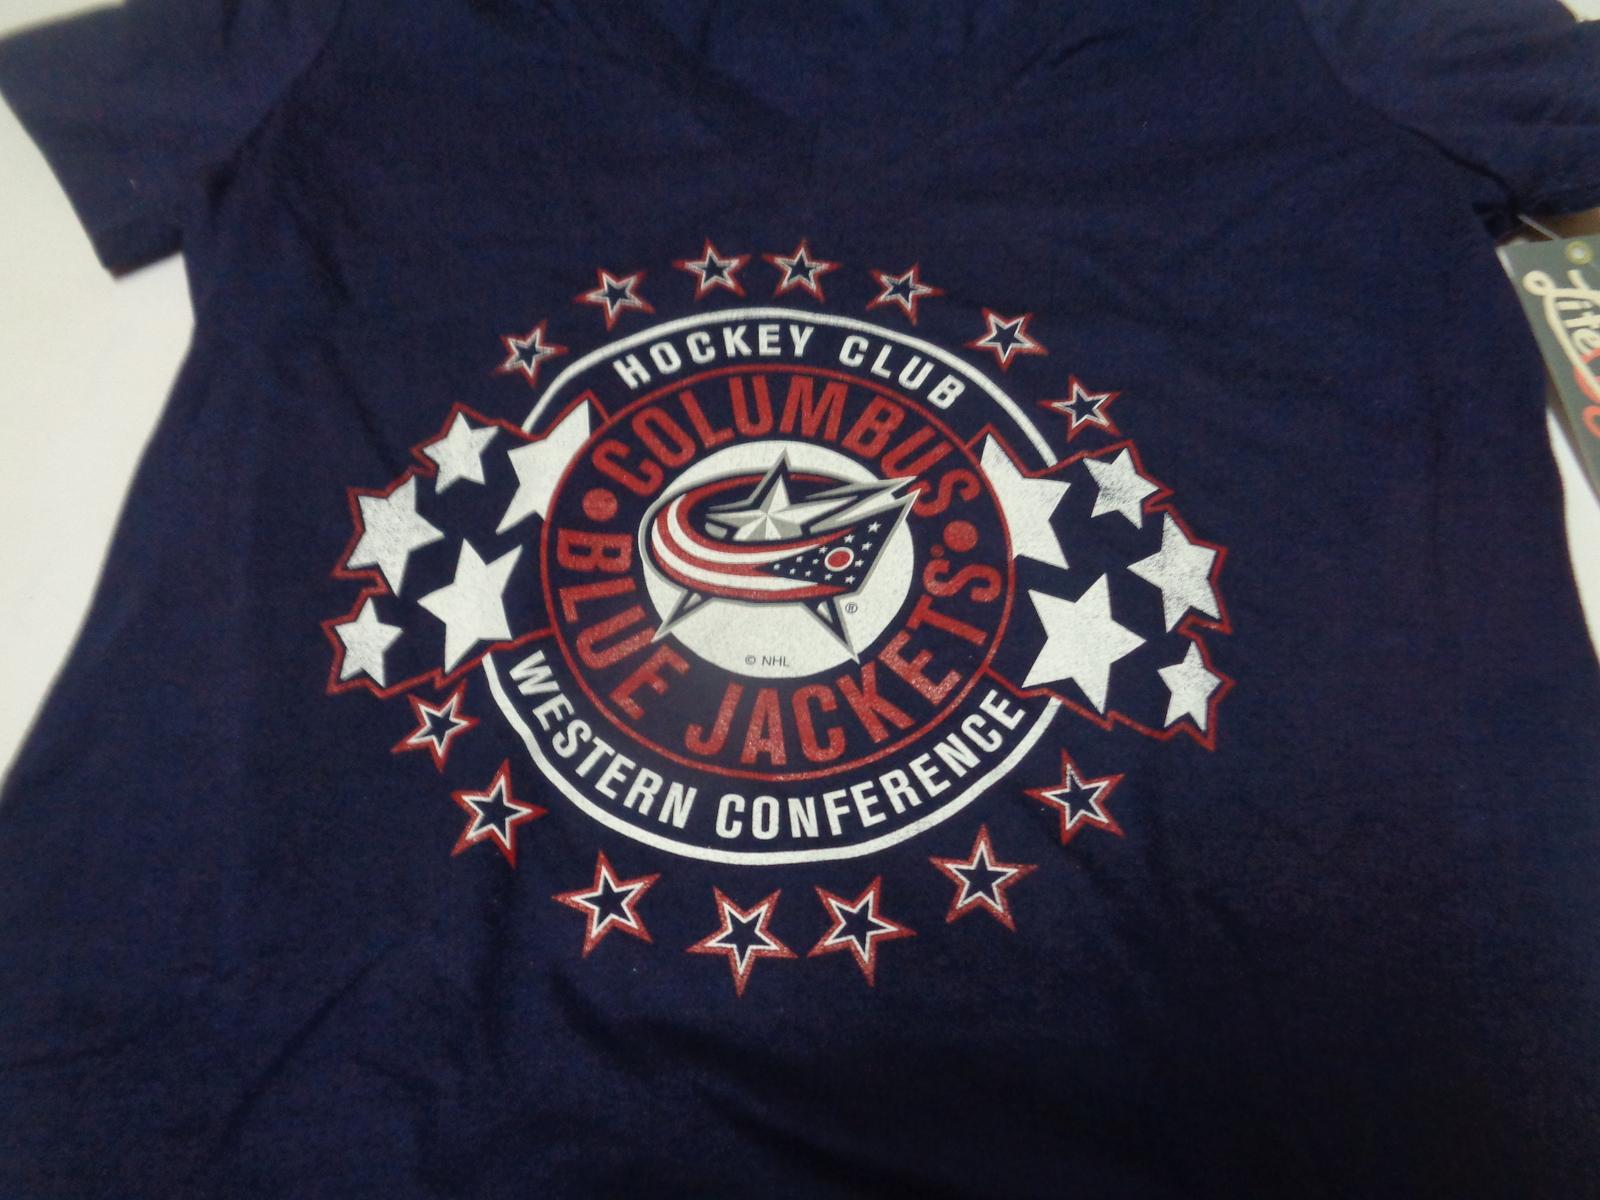 Hockey Club NHL Western Conference T-Shirt NWT Women's Adult XL